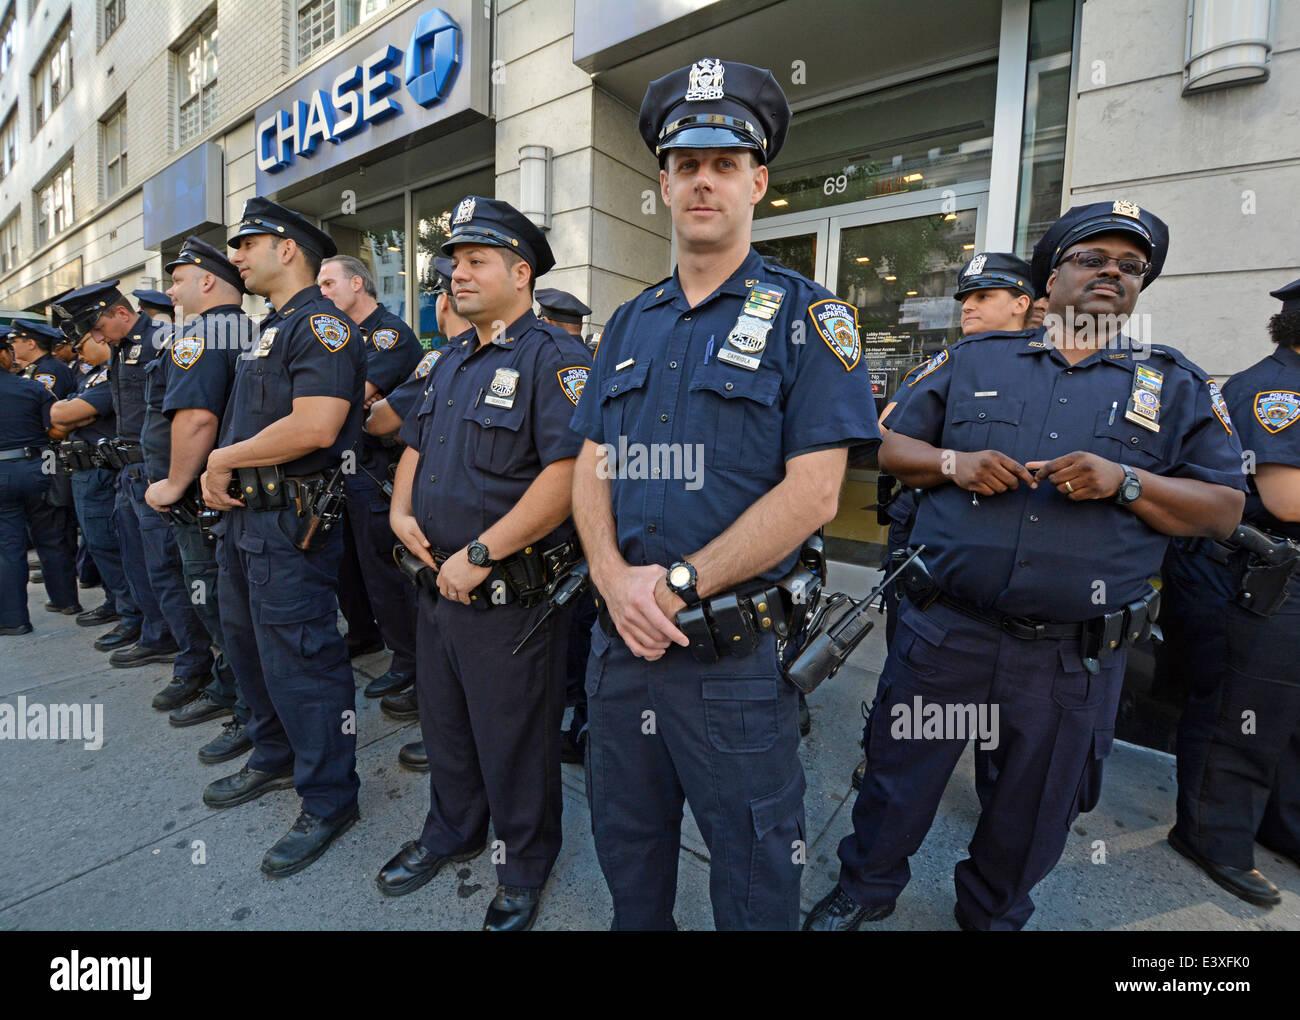 Un gruppo di poliziotti di attendere istruzioni prima il Gay Pride Parade in New York City. Immagini Stock